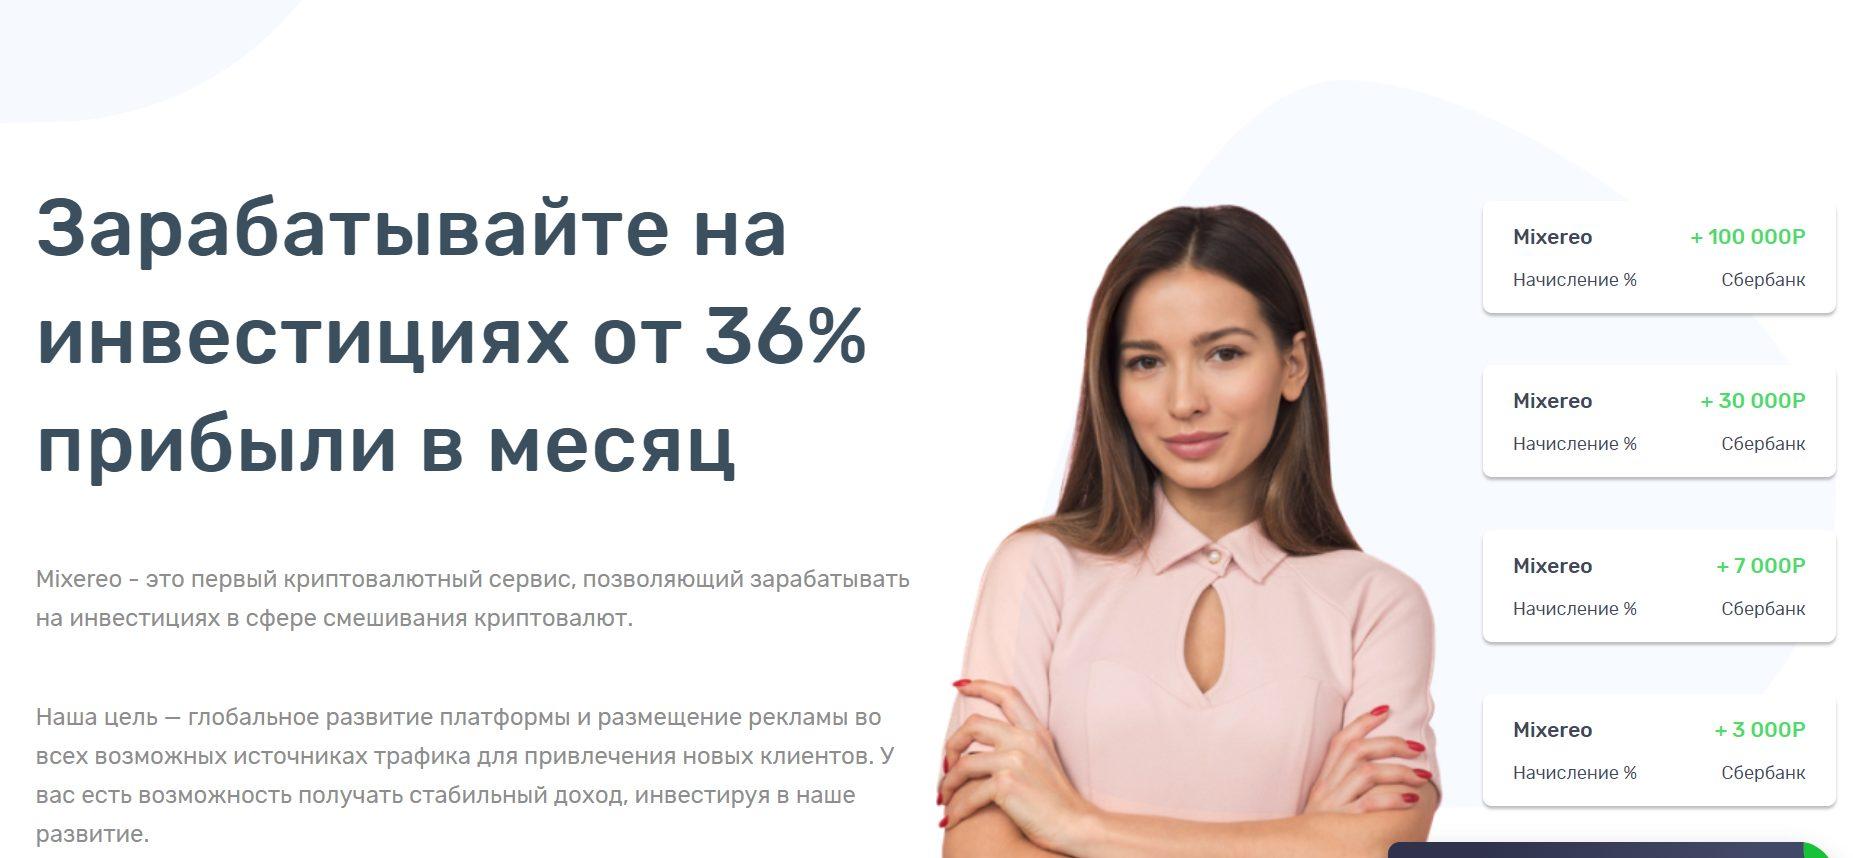 Mixereo предлагает инвесторам получать сразу 36% в месяц